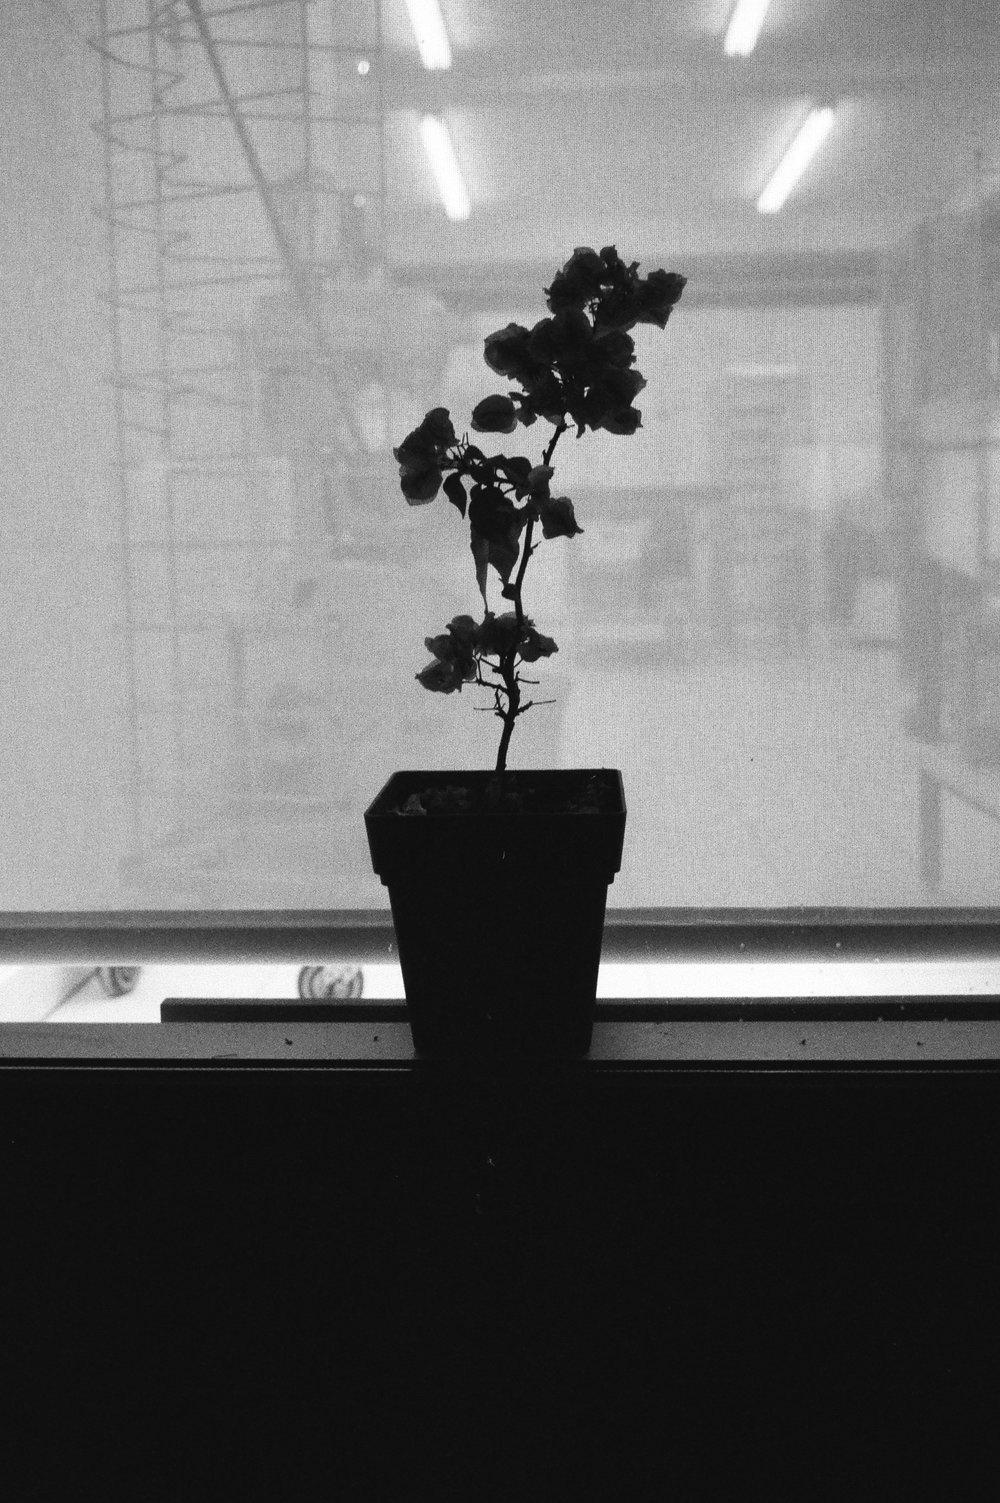 Leica-02-1.jpg